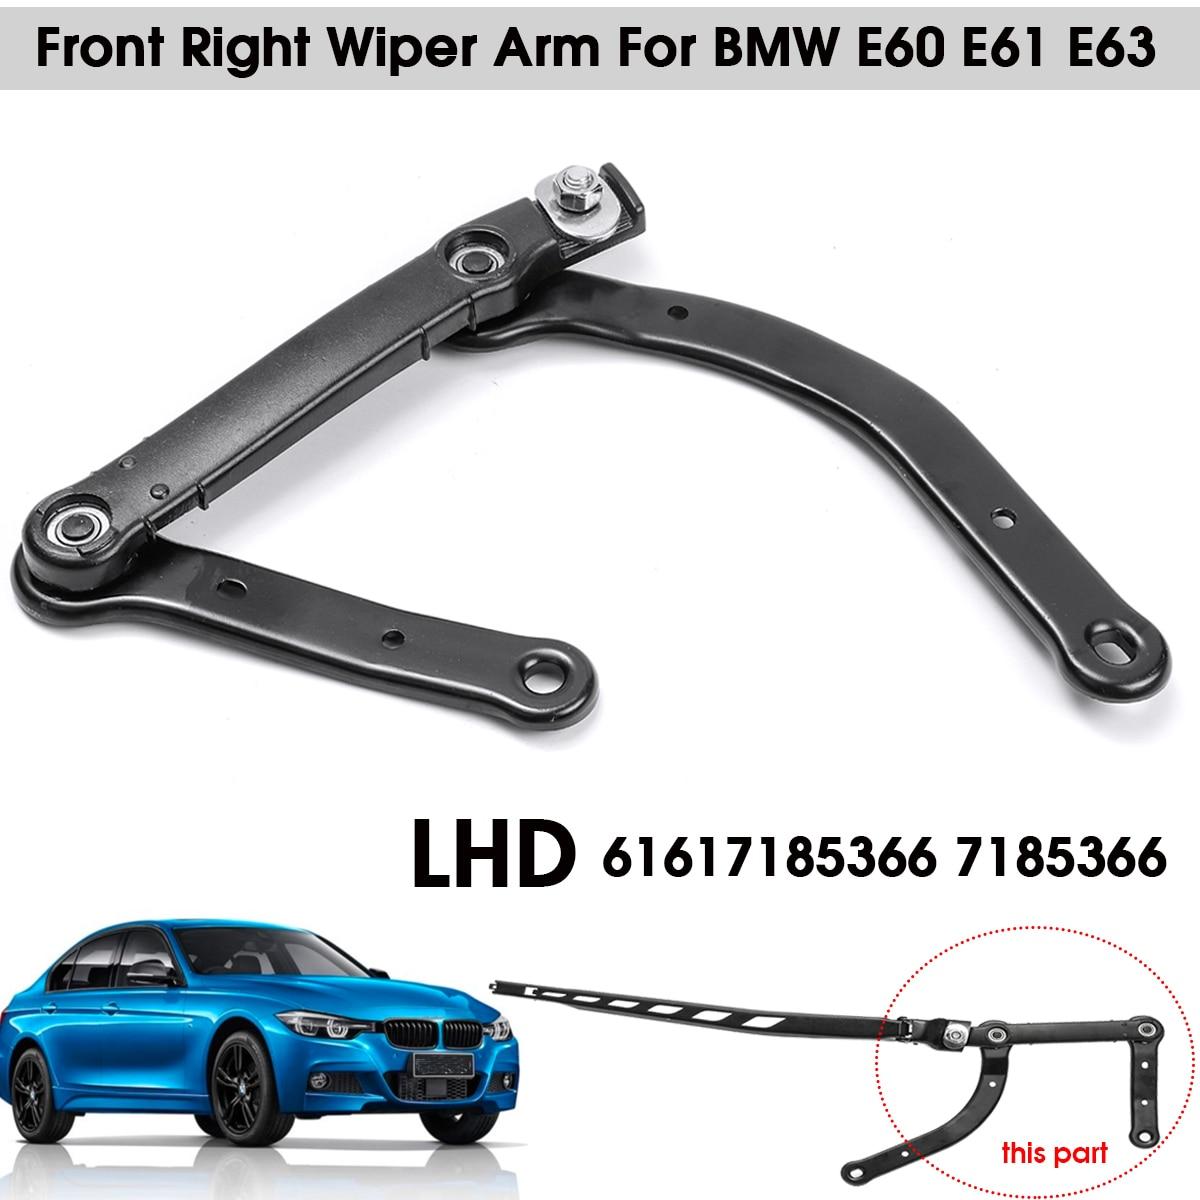 Front Wiper Arm LHD Left Hand Drive For BMW E60 E61 E63 E64 61617185366 7185366